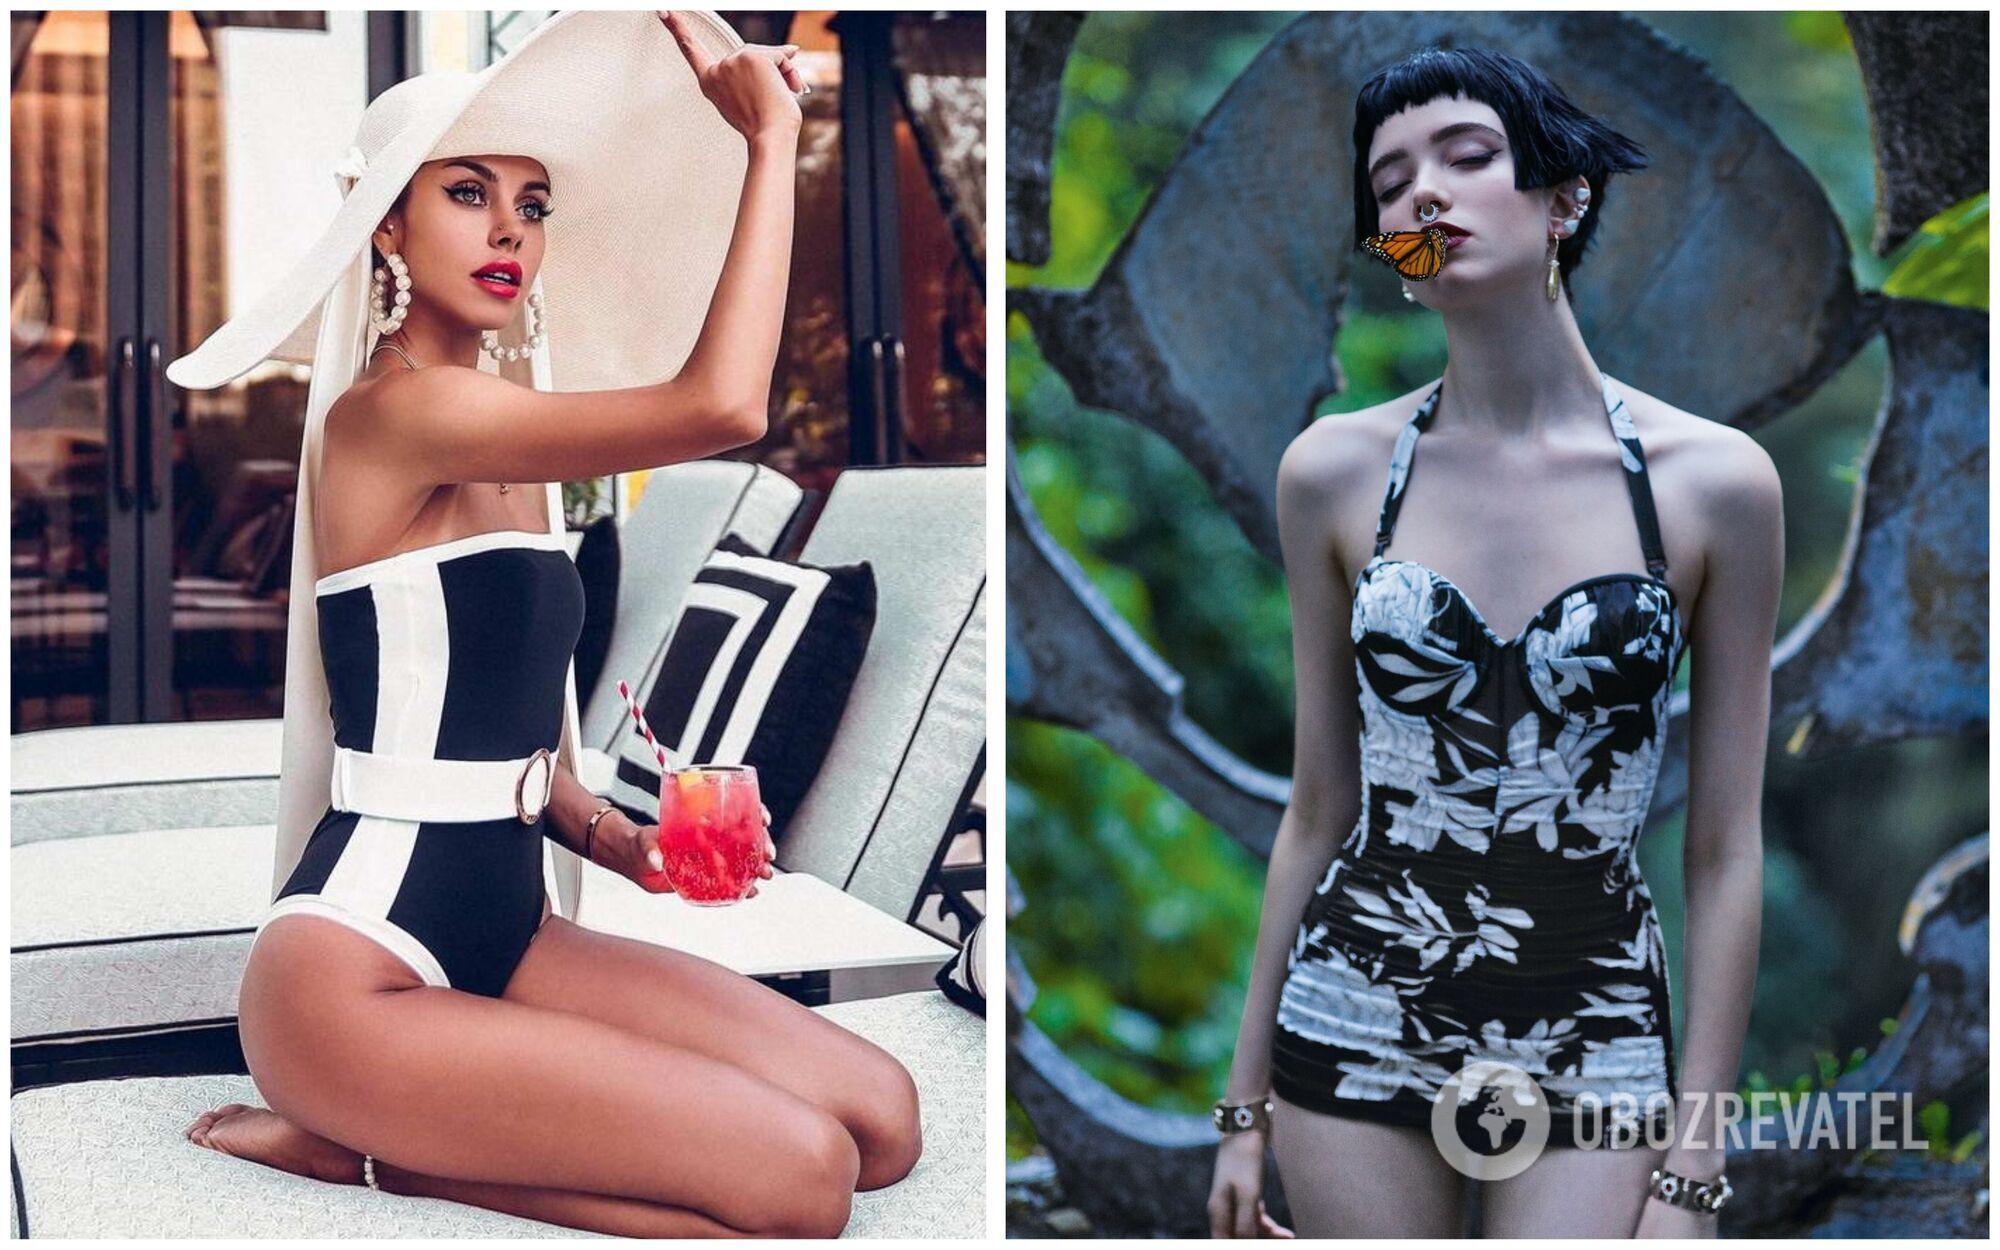 Как дань уважения ультра-женственным силуэтам 50-х годов, на пике популярности снова оказались цельные купальники